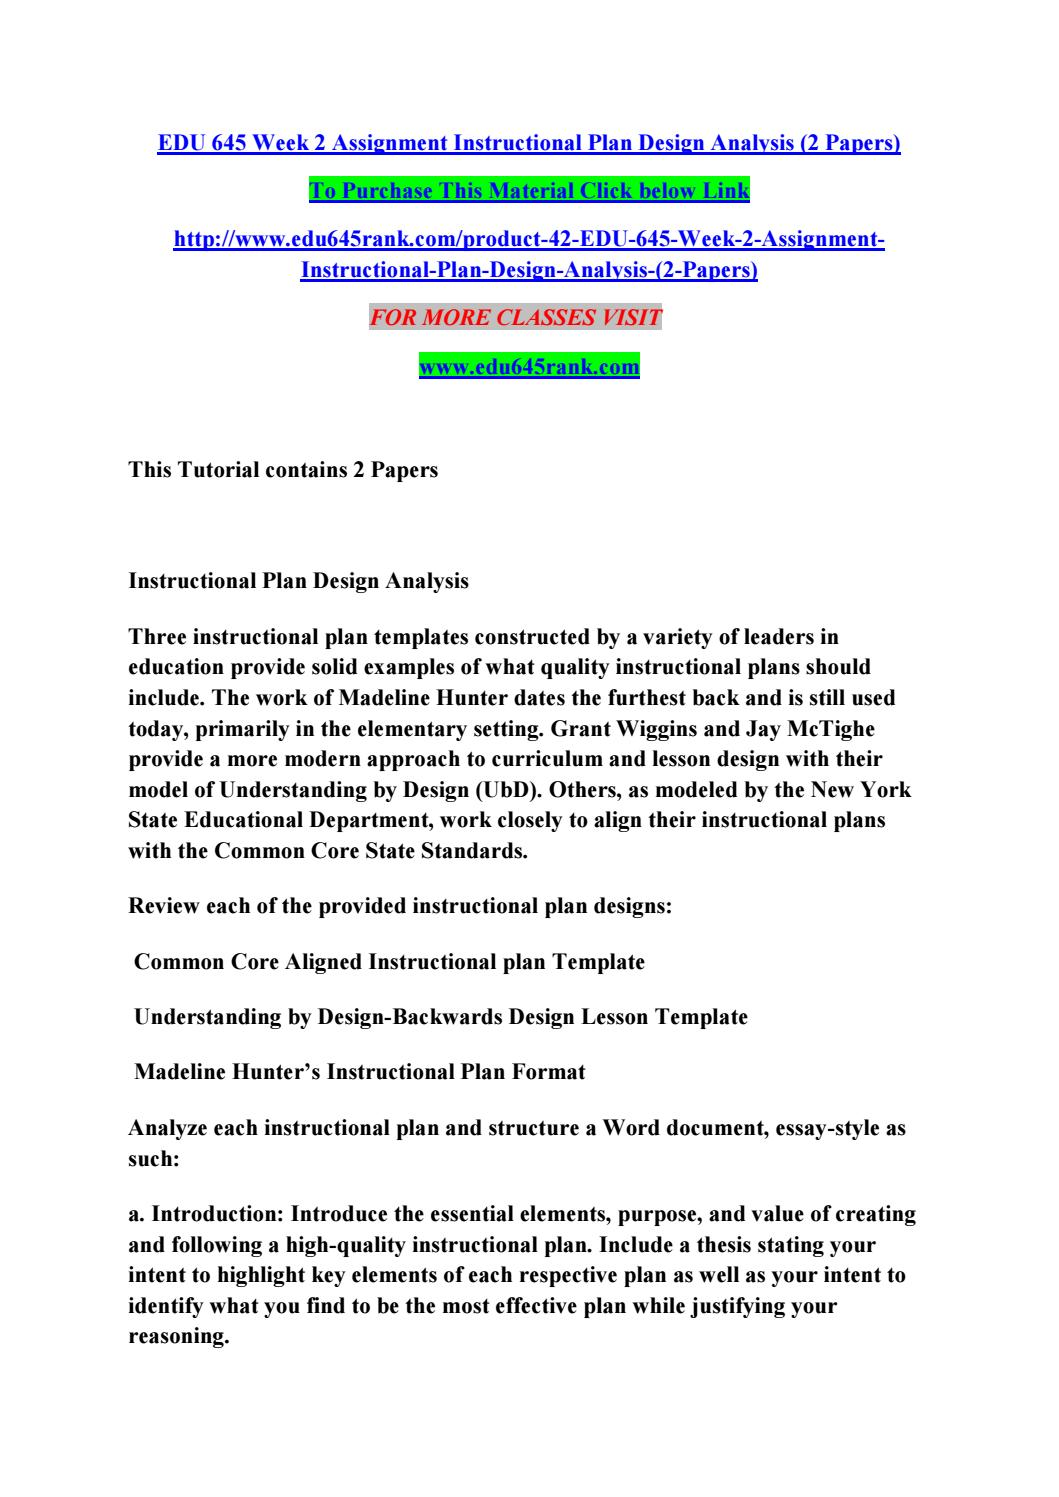 Edu 645 week 2 assignment instructional plan design analysis (2 ...